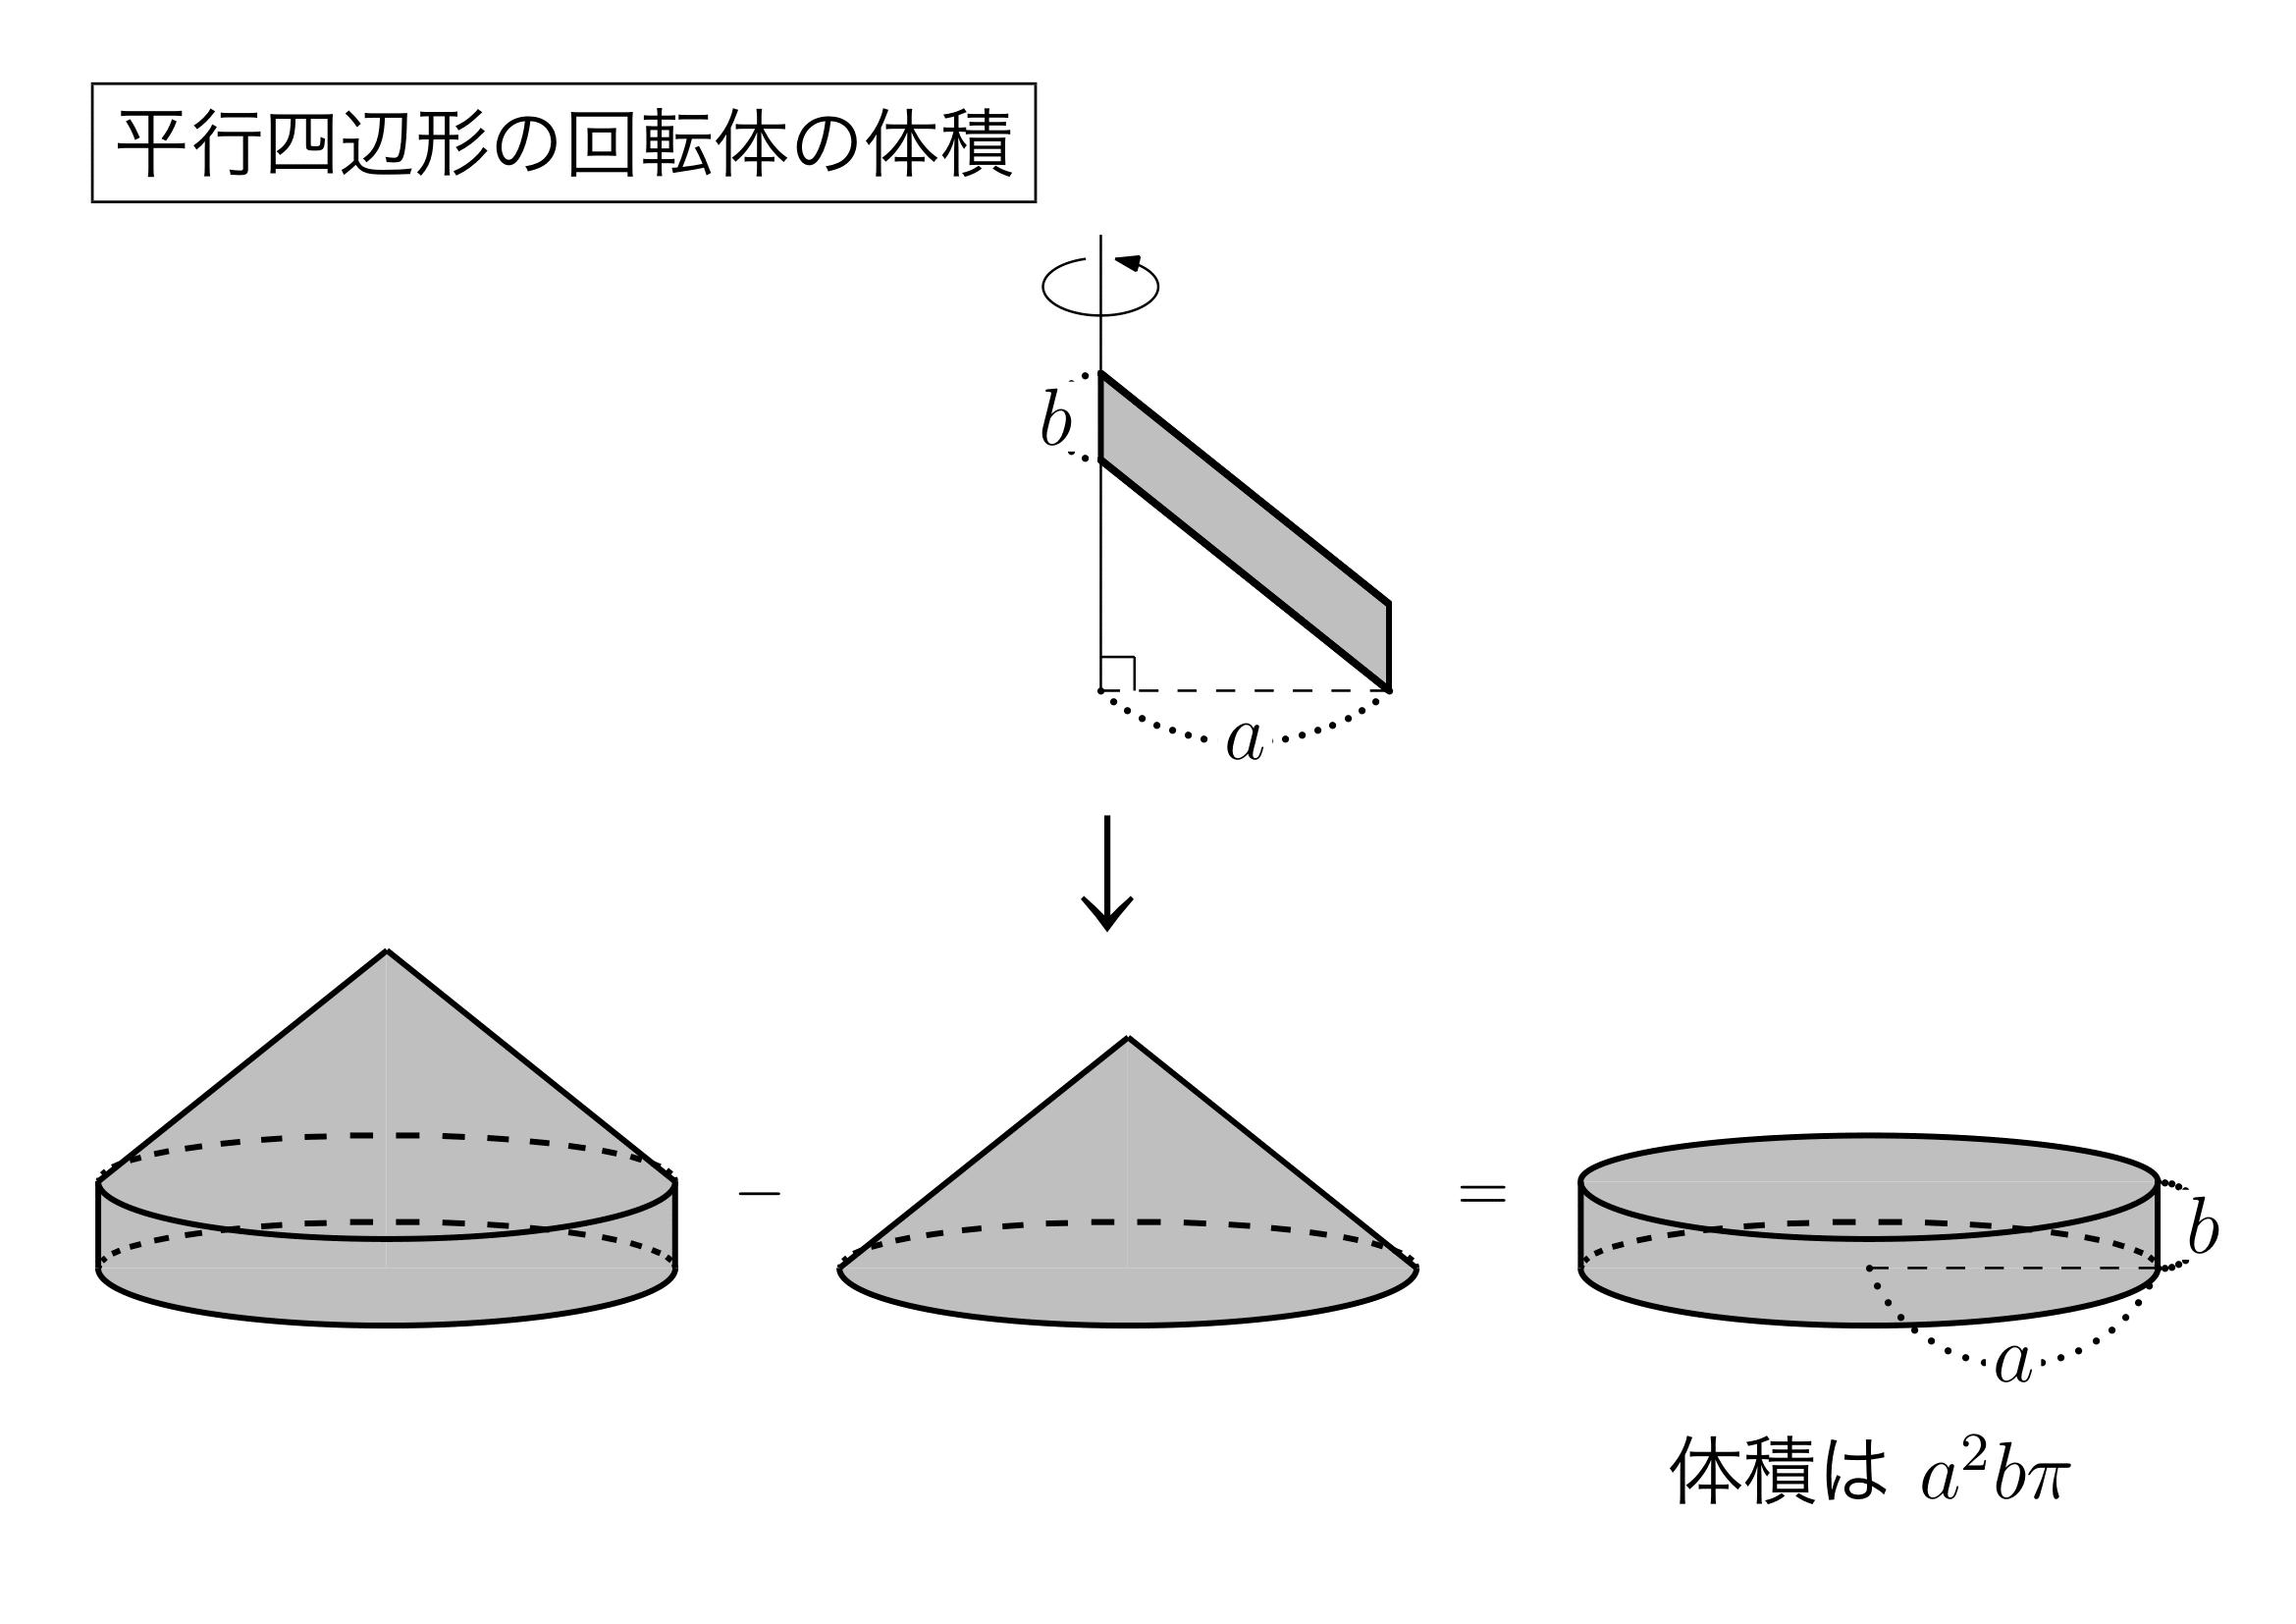 円錐 の 側 面積 の 求め 方